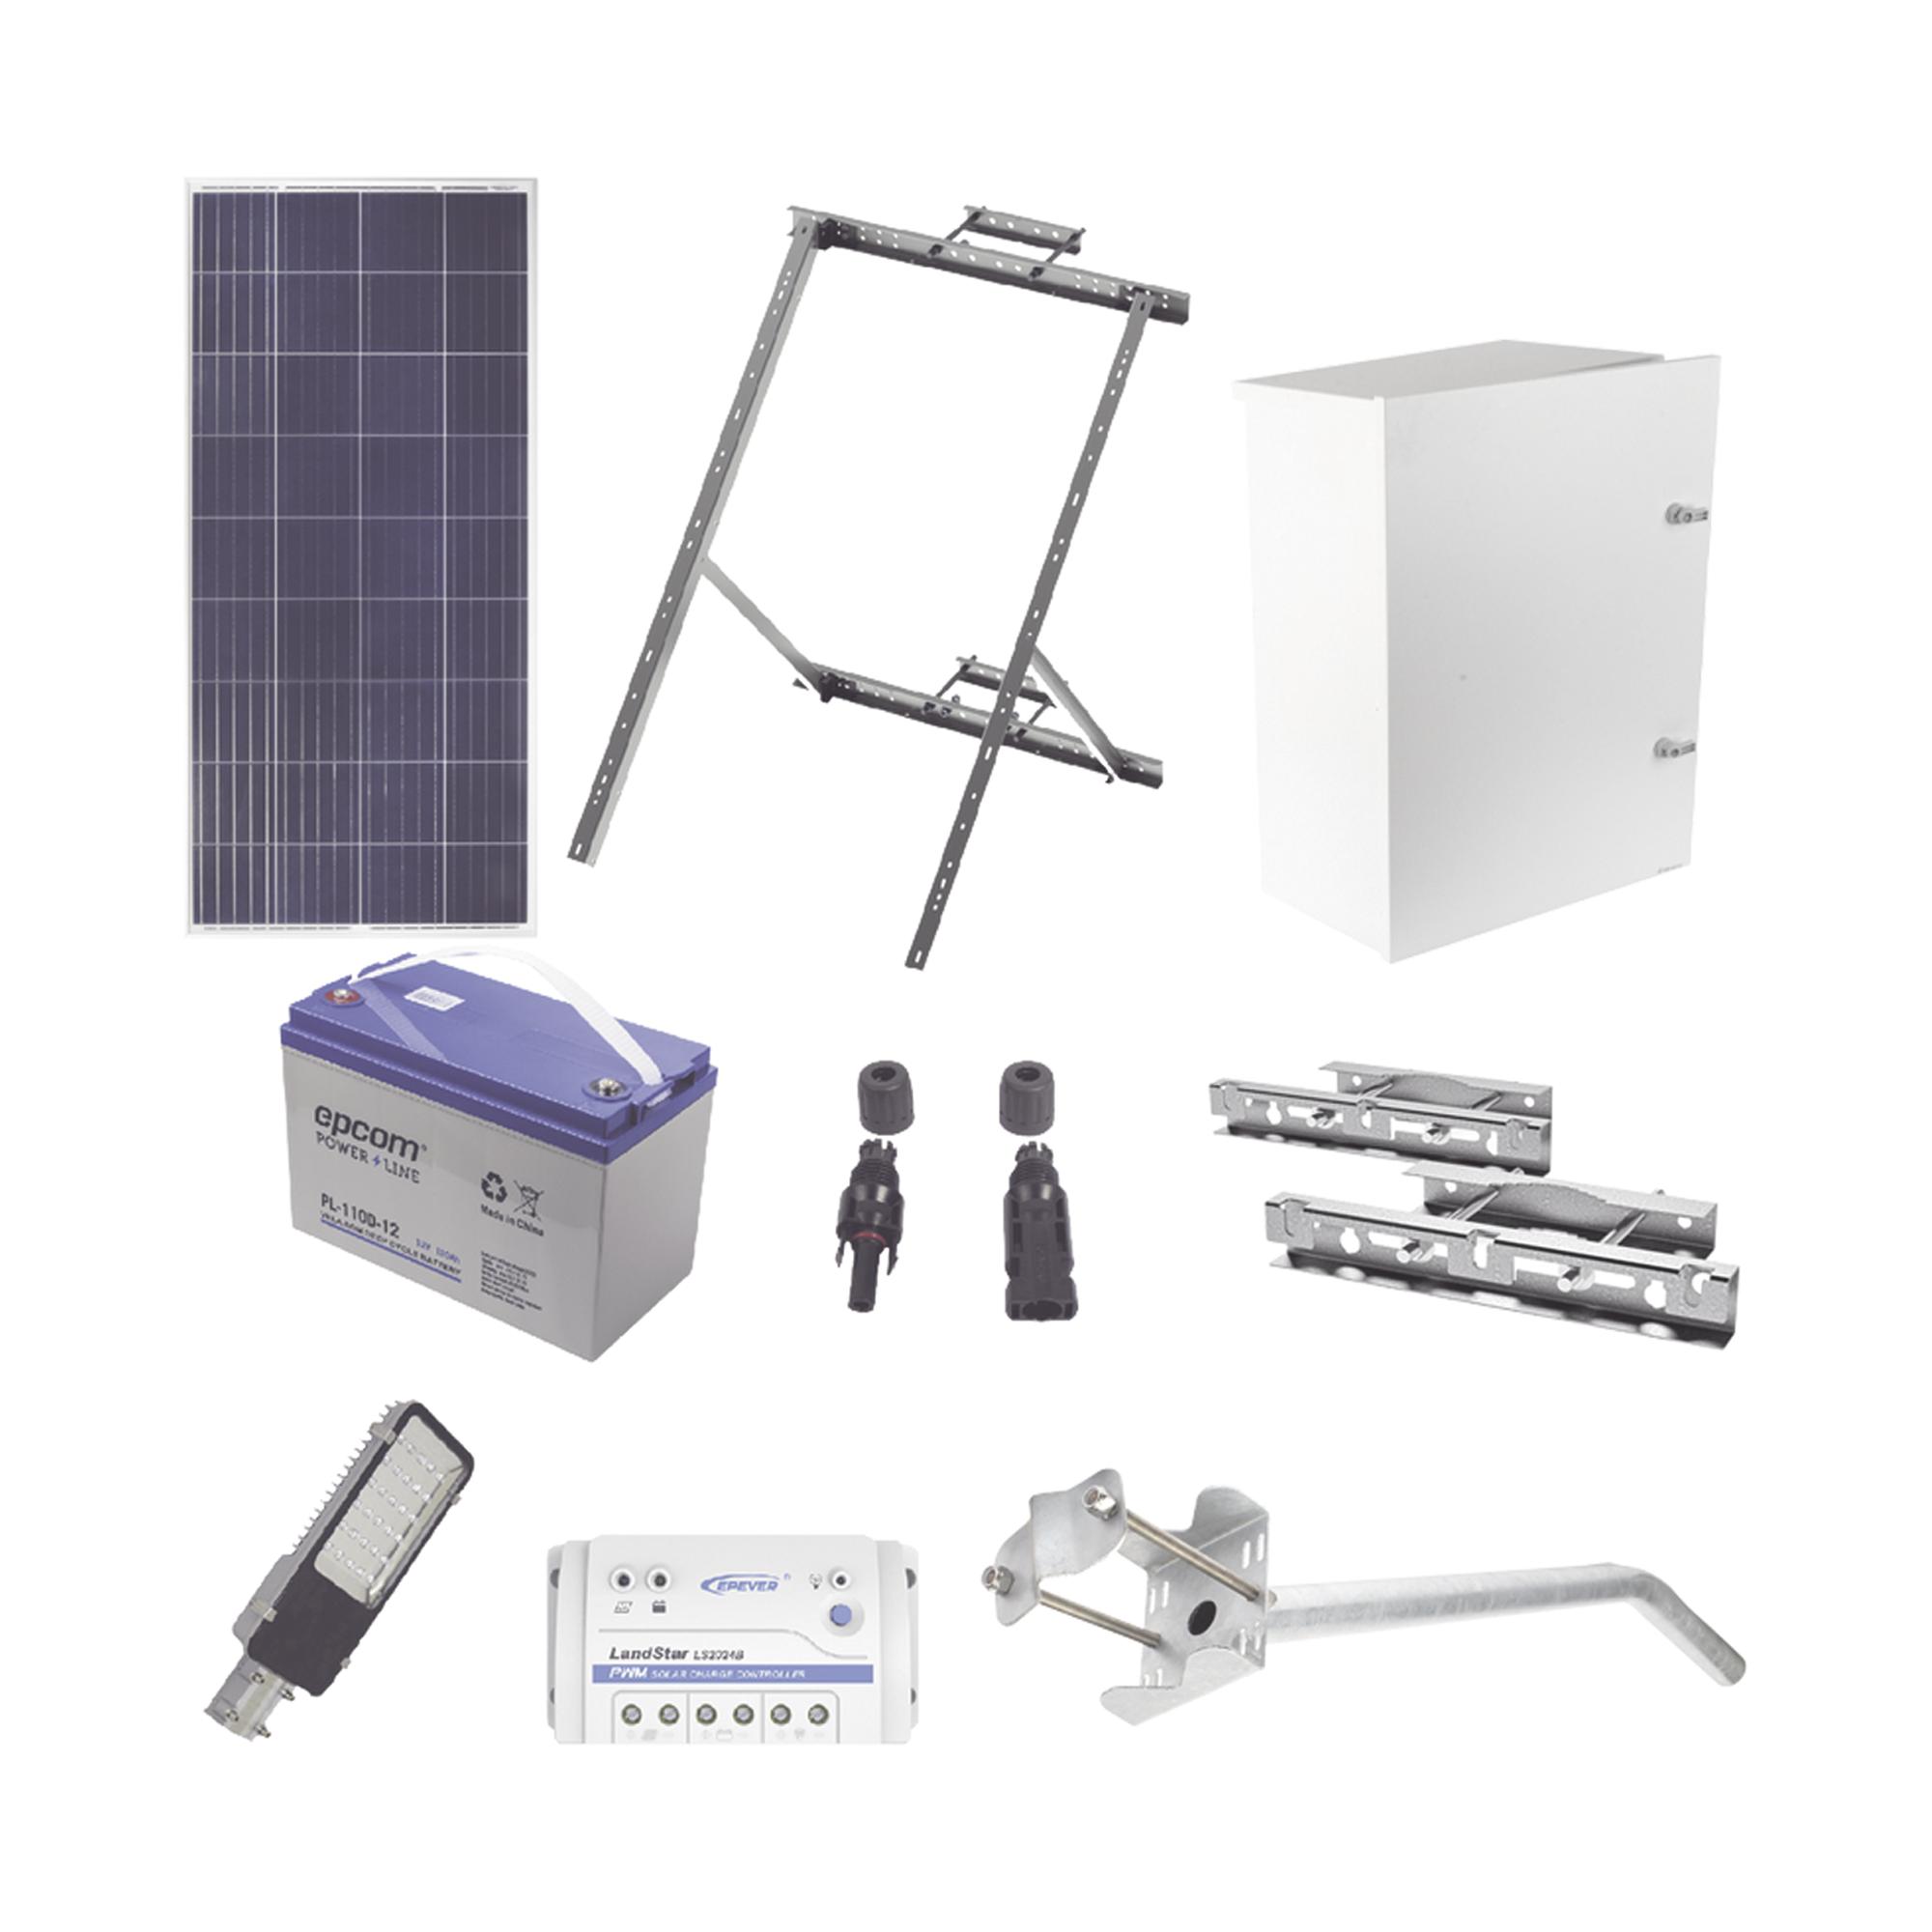 Kit de energía solar para alumbrado de 30 W